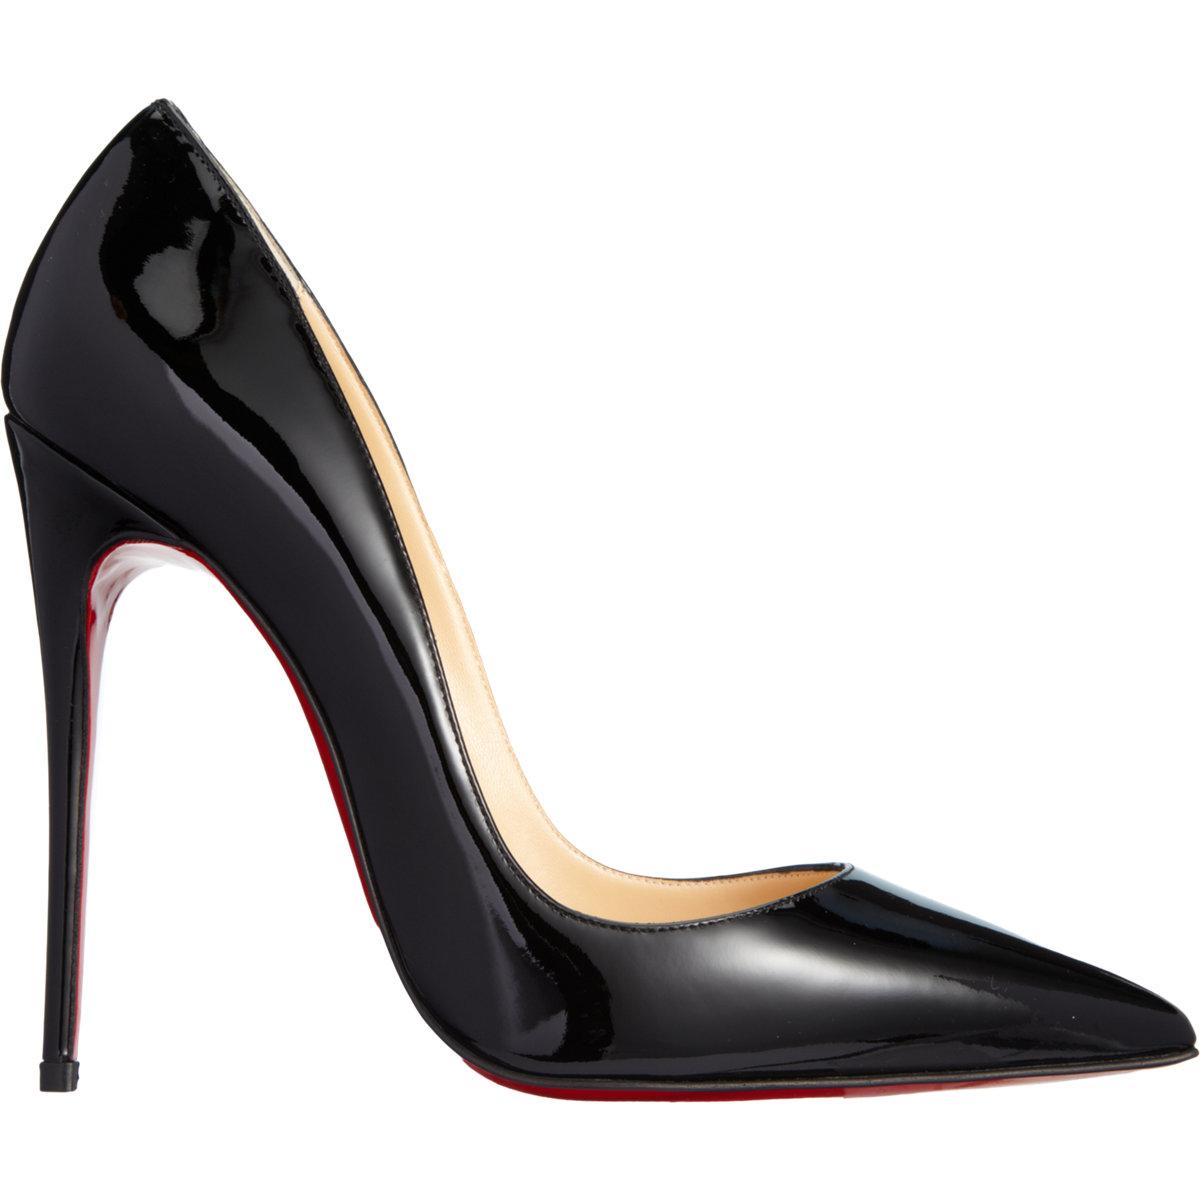 yuksek-topuklu-ayakkabi-modelleri-stiletto-14